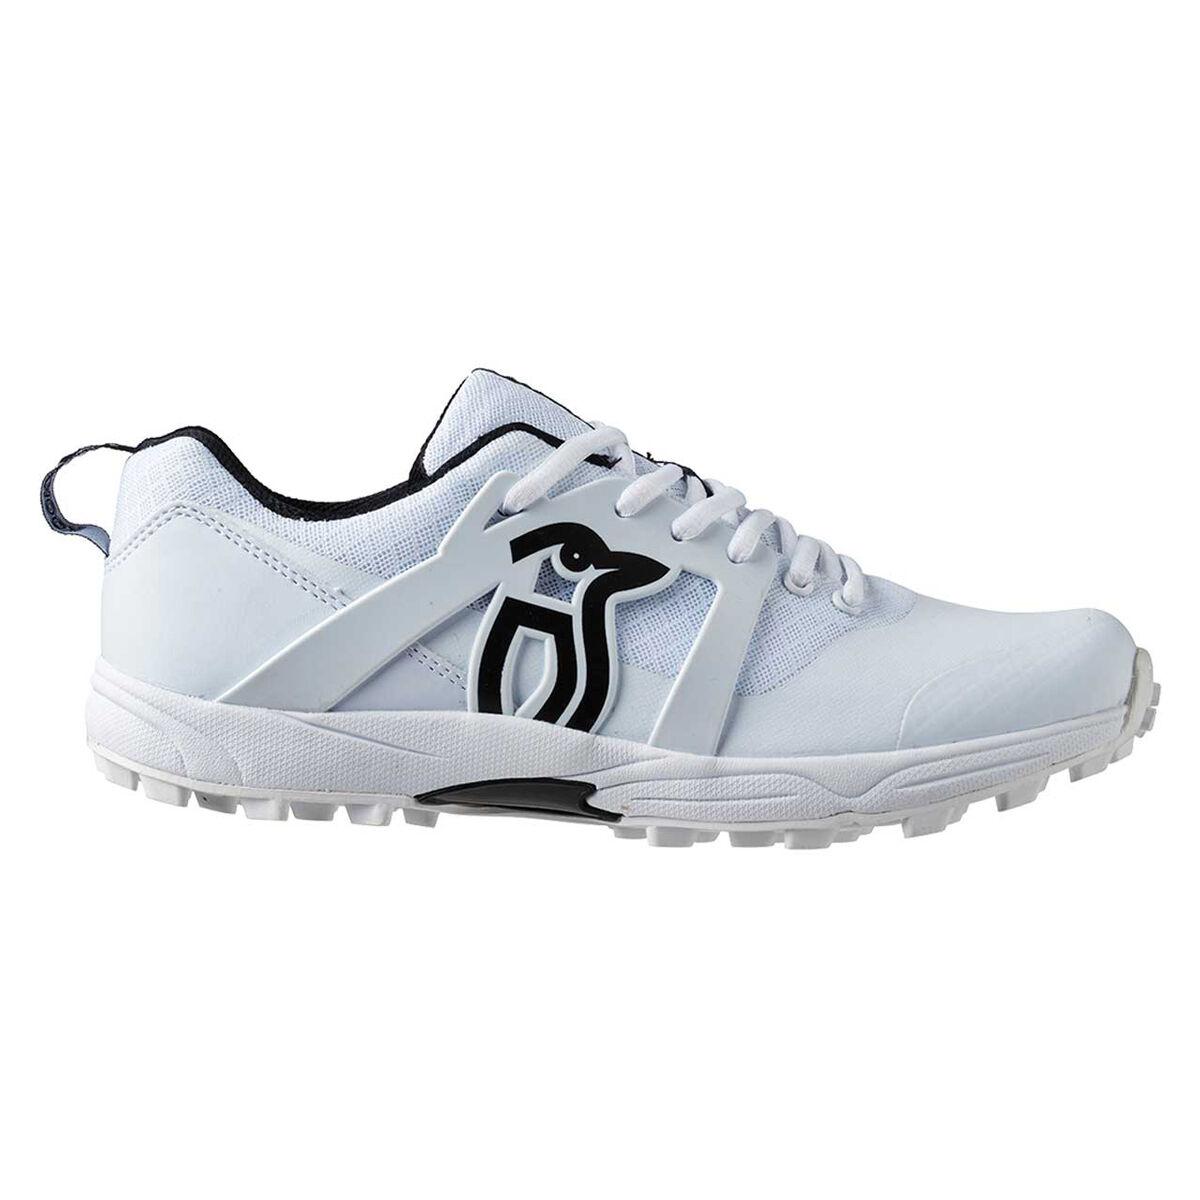 Kids Cricket Shoes - rebel